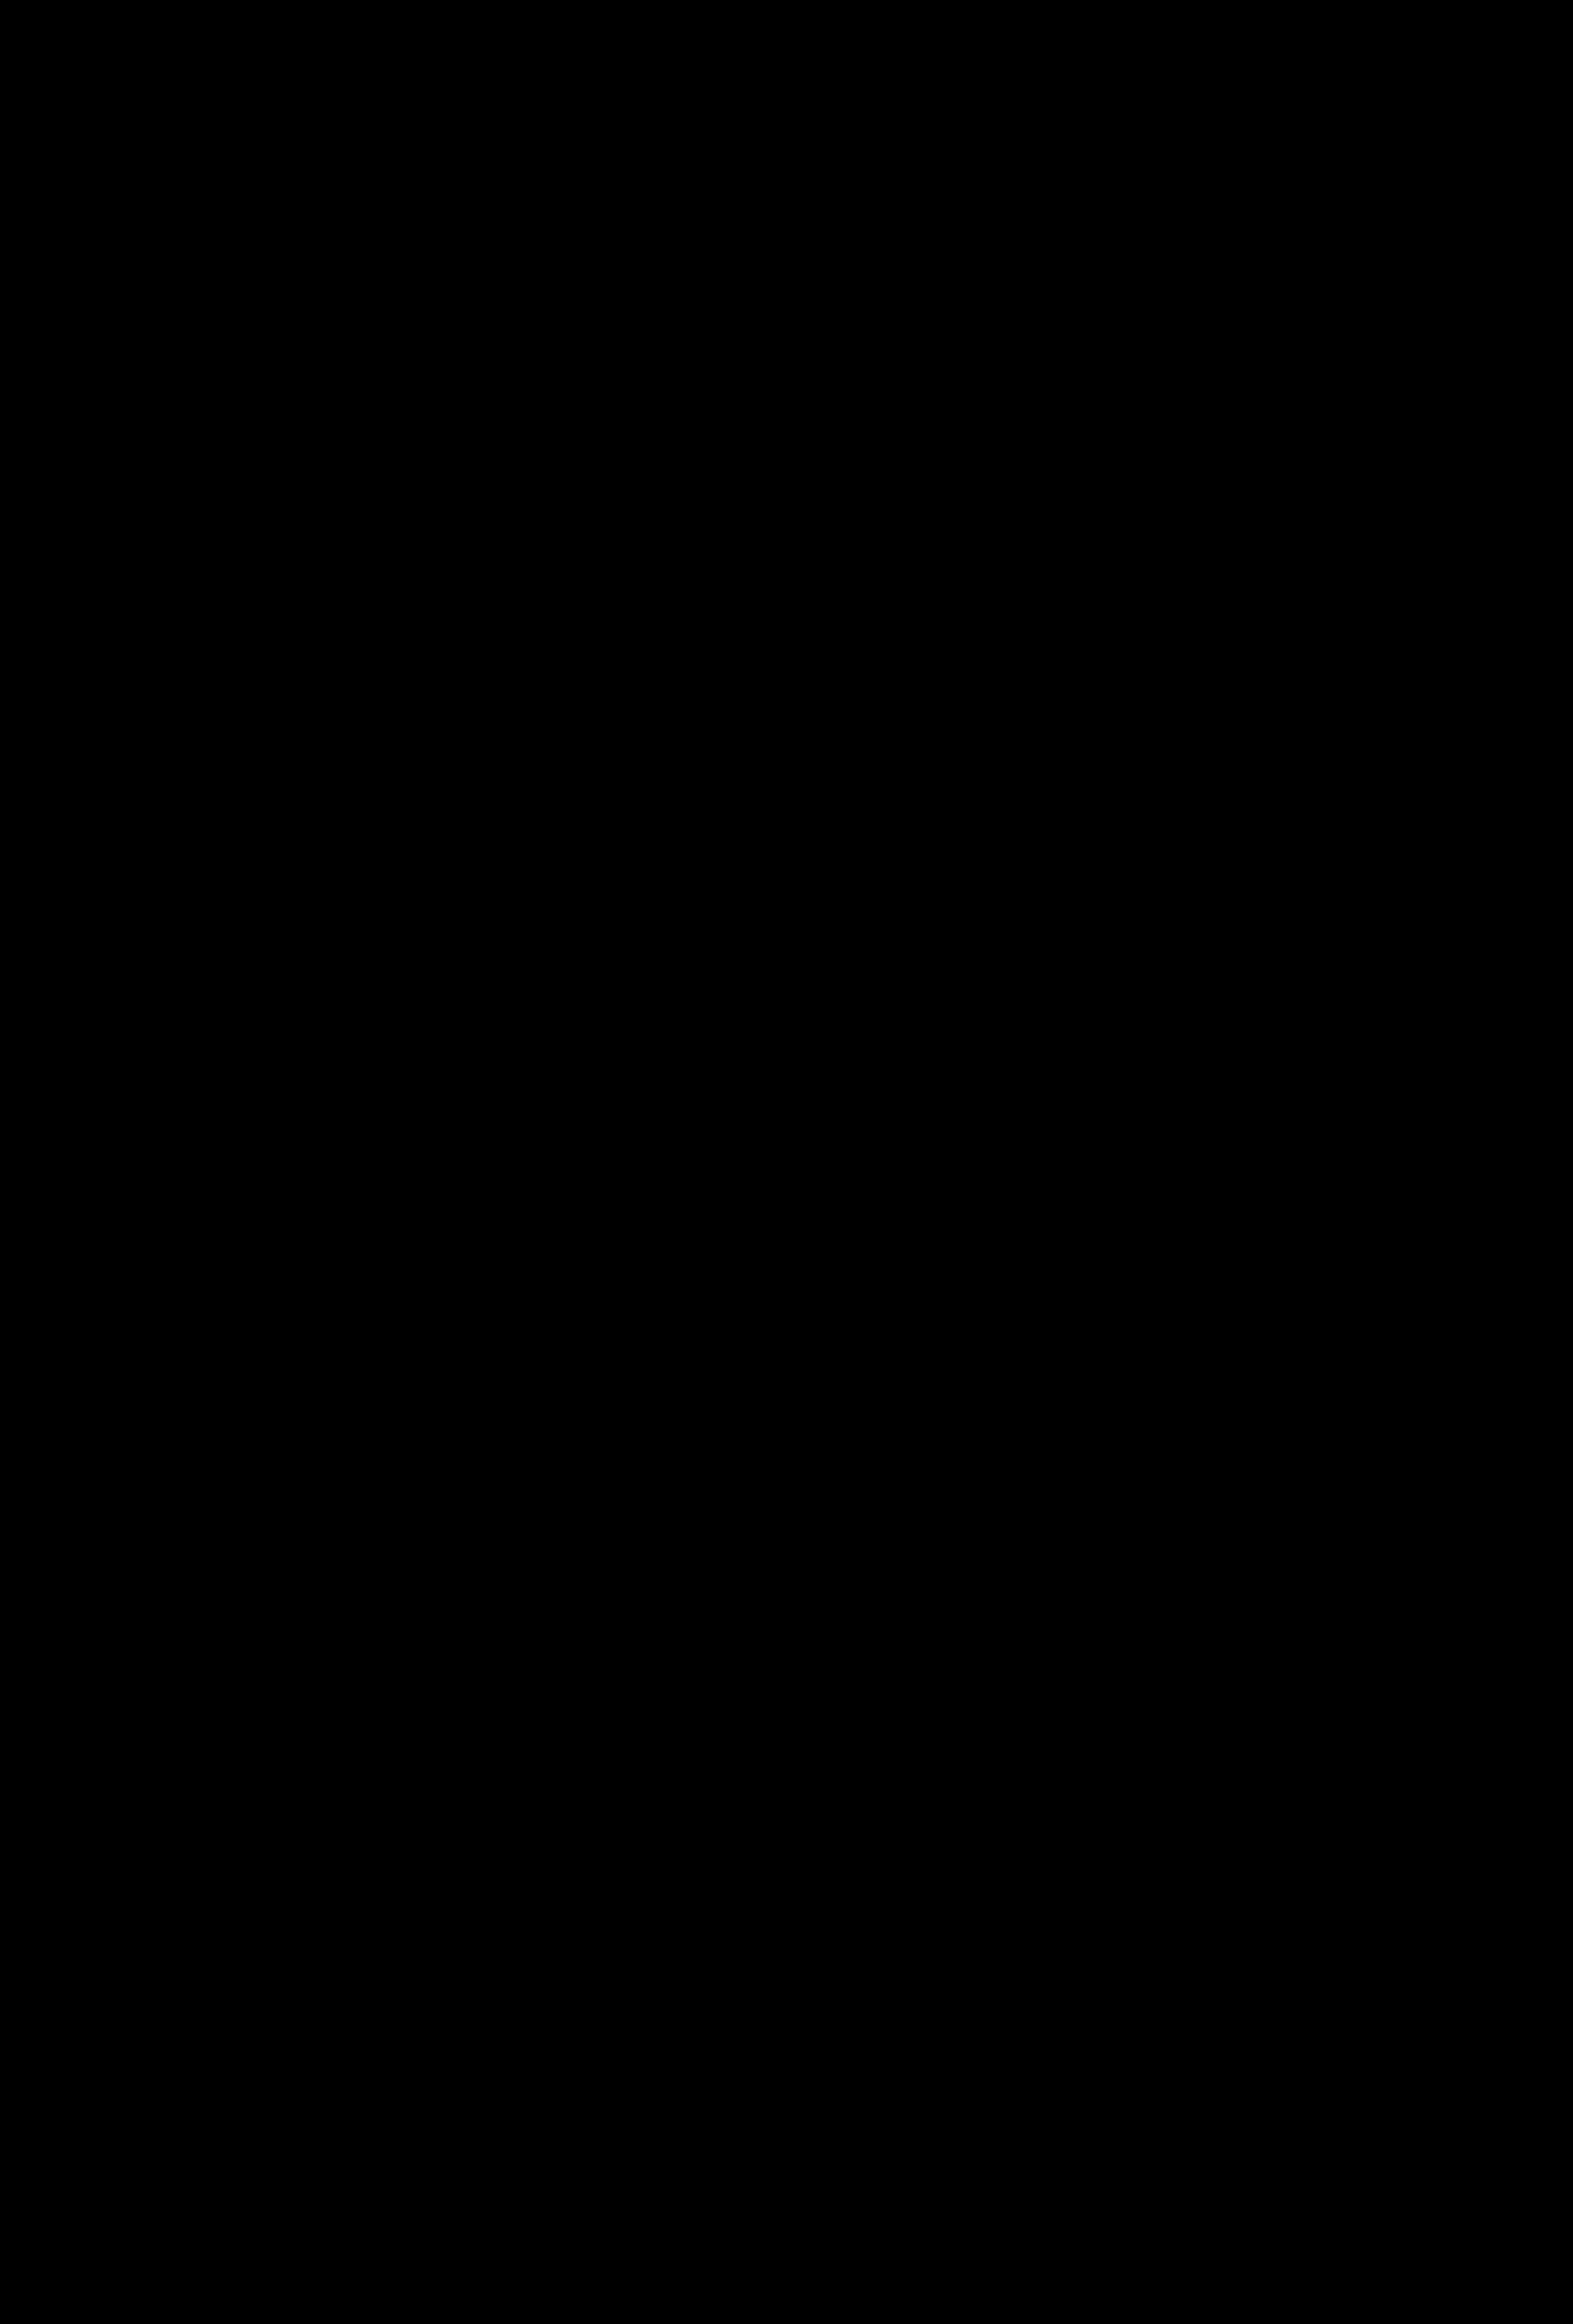 Zählerverteiler Eco-UP-Verteiler 3U24 + Mauerwanne EVN-RAL9016 IL964324W-